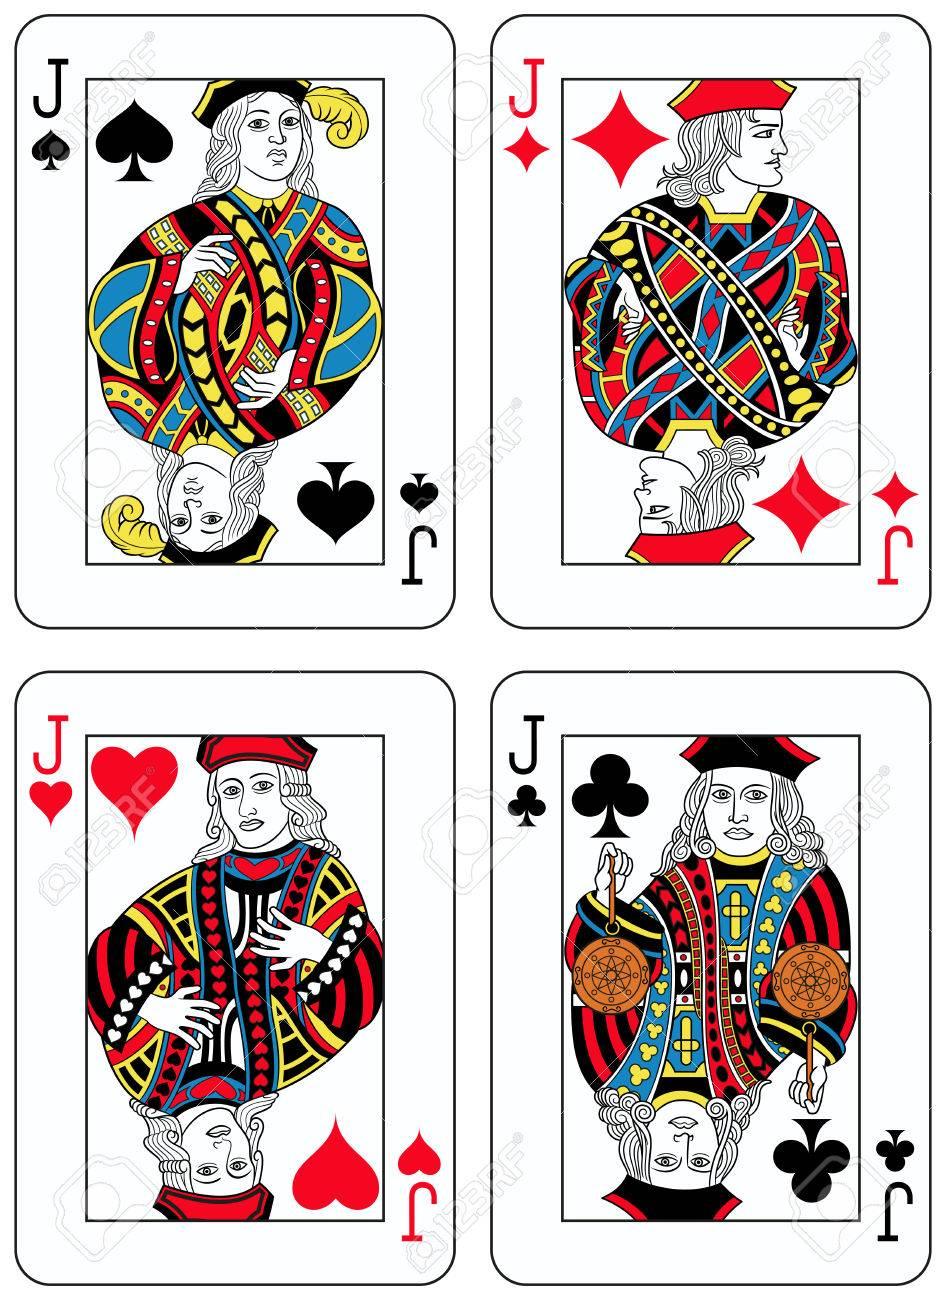 4 つのジャック数字をトランプに触発されたフランスの伝統すべての人物